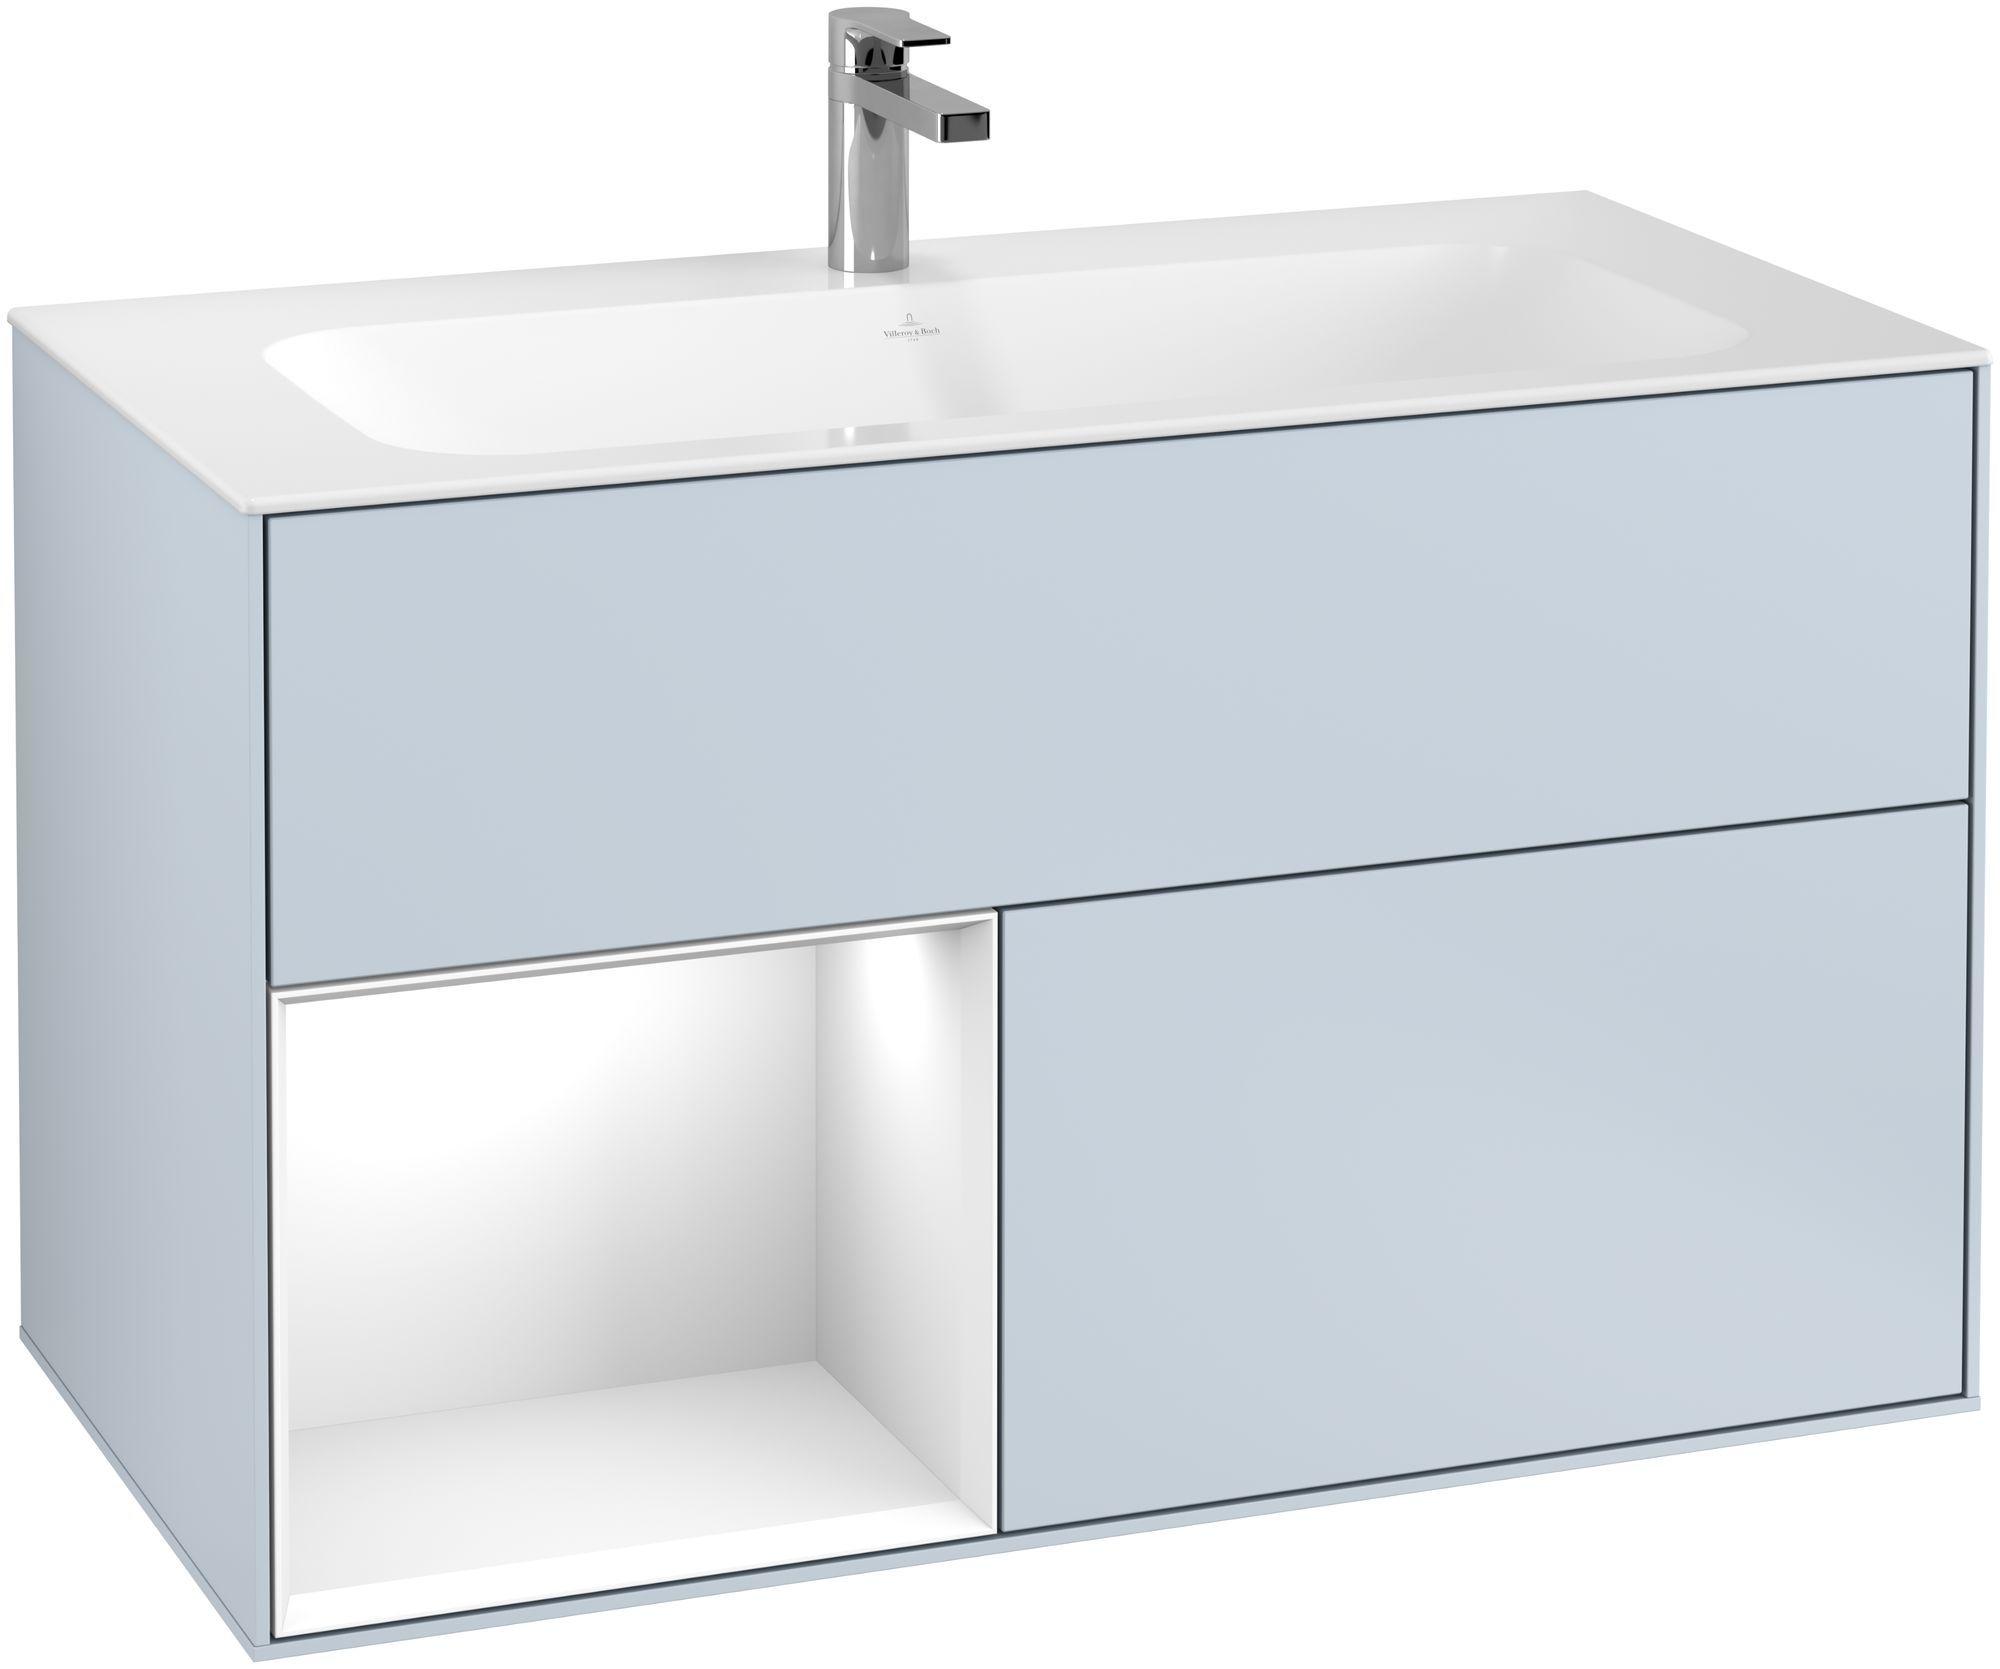 Villeroy & Boch Finion F03 Waschtischunterschrank mit Regalelement 2 Auszüge LED-Beleuchtung B:99,6xH:59,1xT:49,8cm Front, Korpus: Cloud, Regal: Glossy White Lack F030GFHA